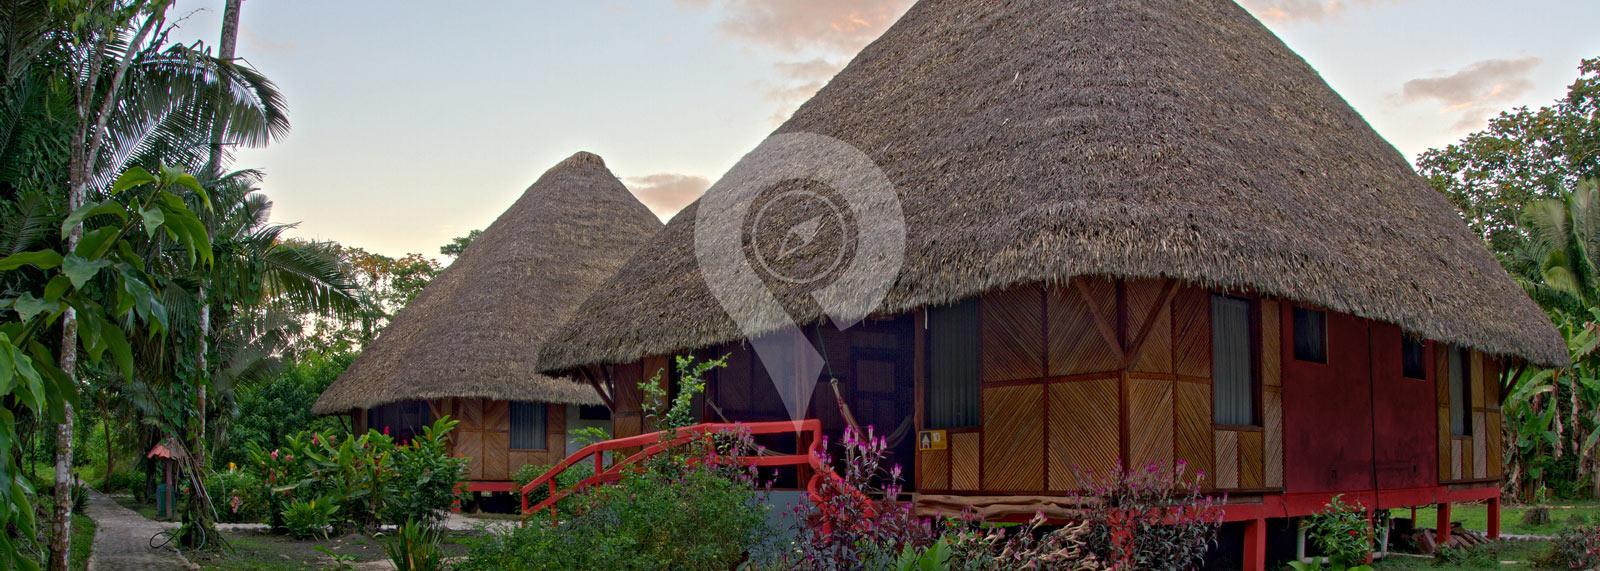 Napo Cultural Center – Amazon Lodge